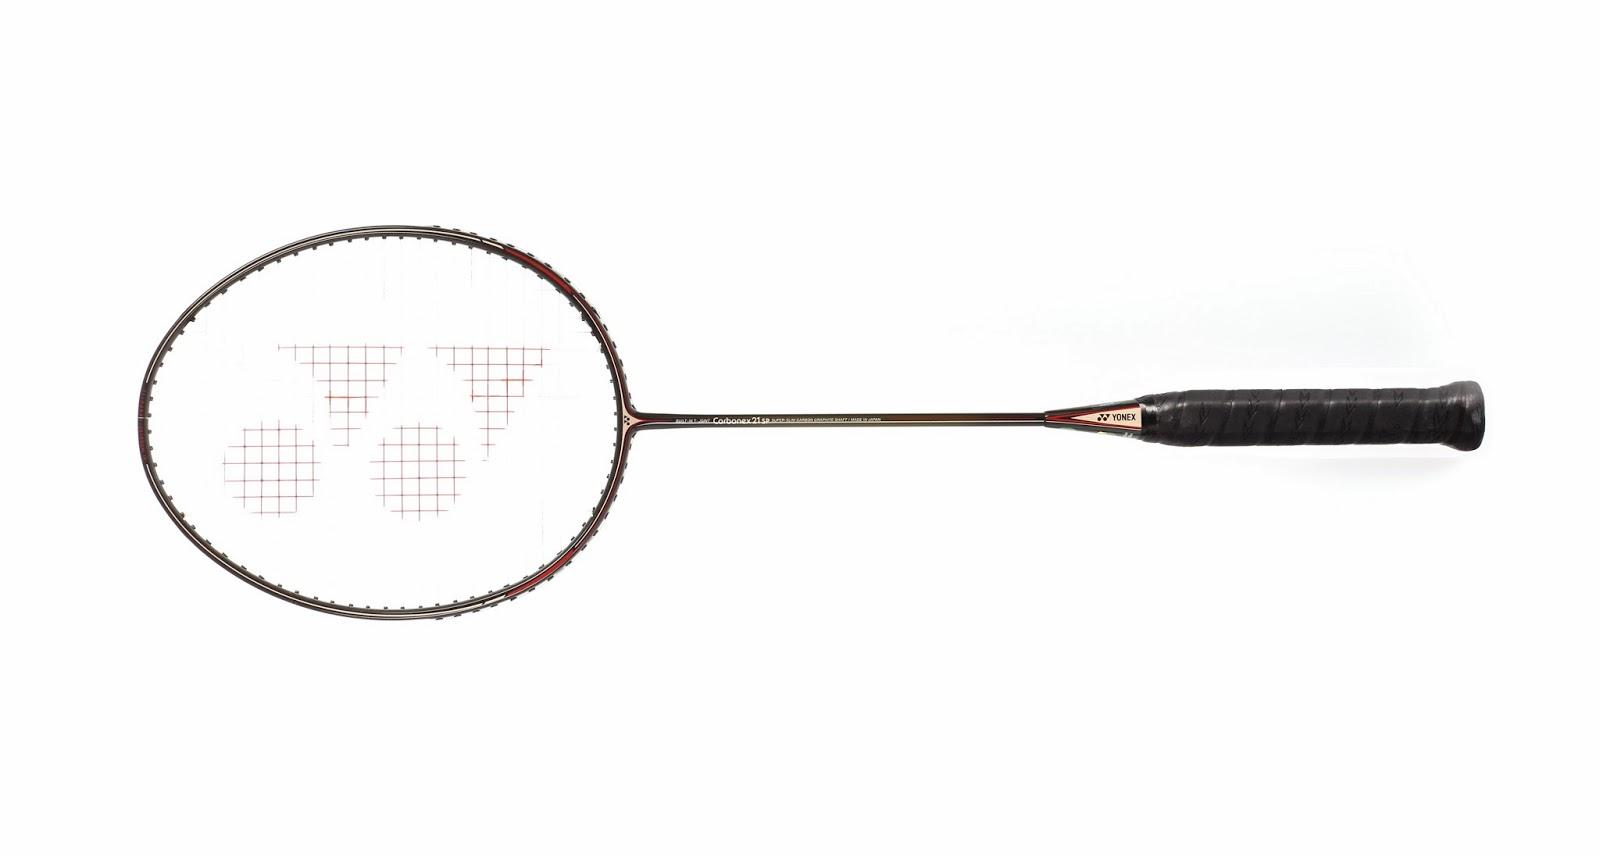 I L O V E Sport CARBONEX 21 YONEX Badminton Racket